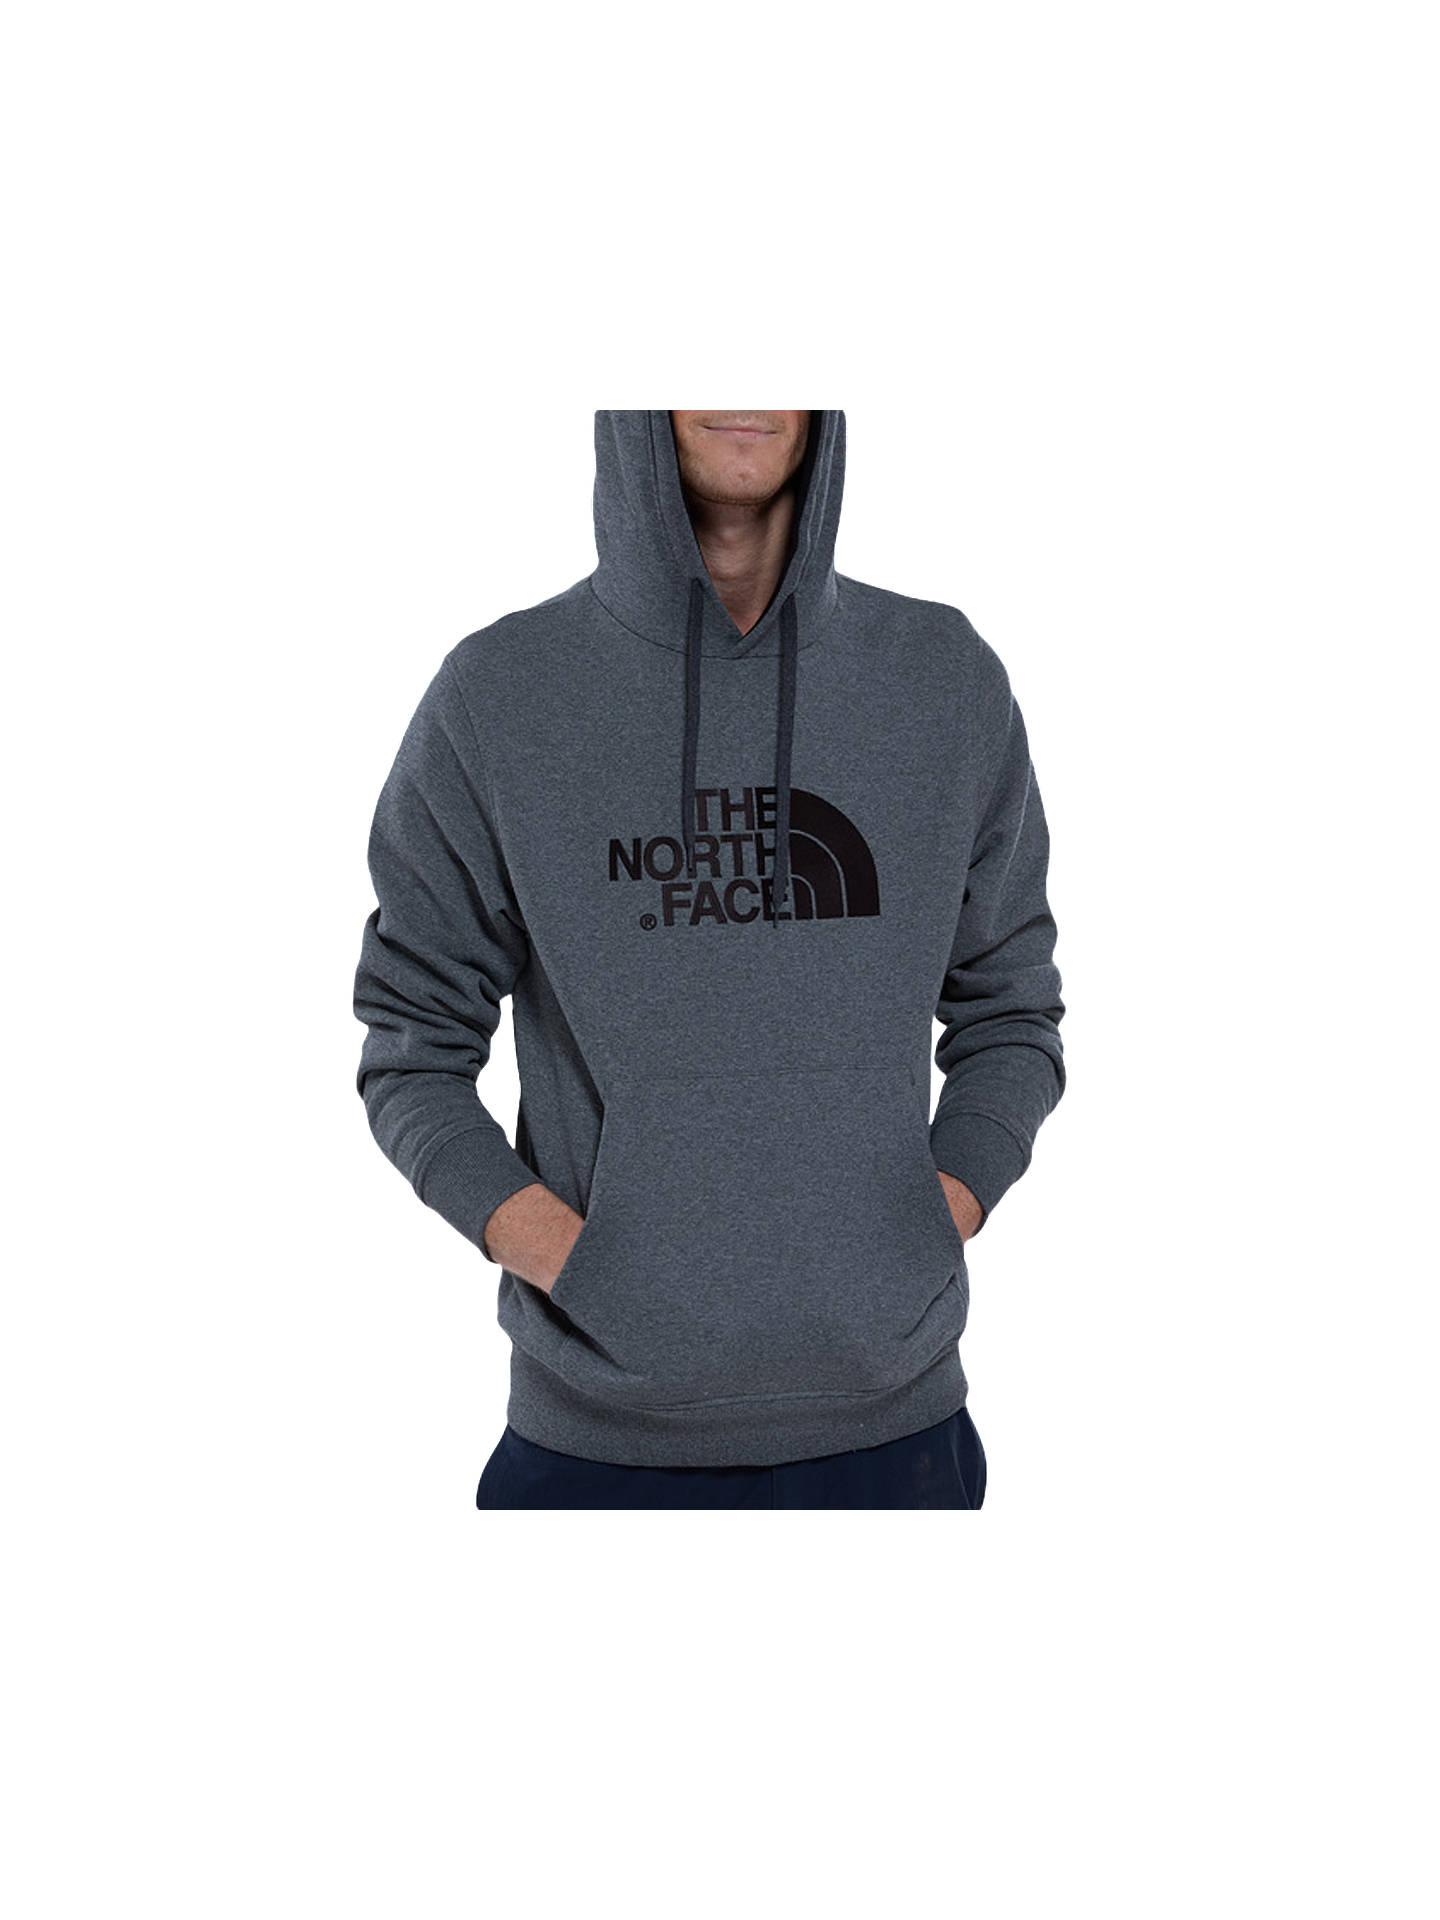 a5defc9862 Buy The North Face Drew Peak Hoodie, Grey, S Online at johnlewis.com ...